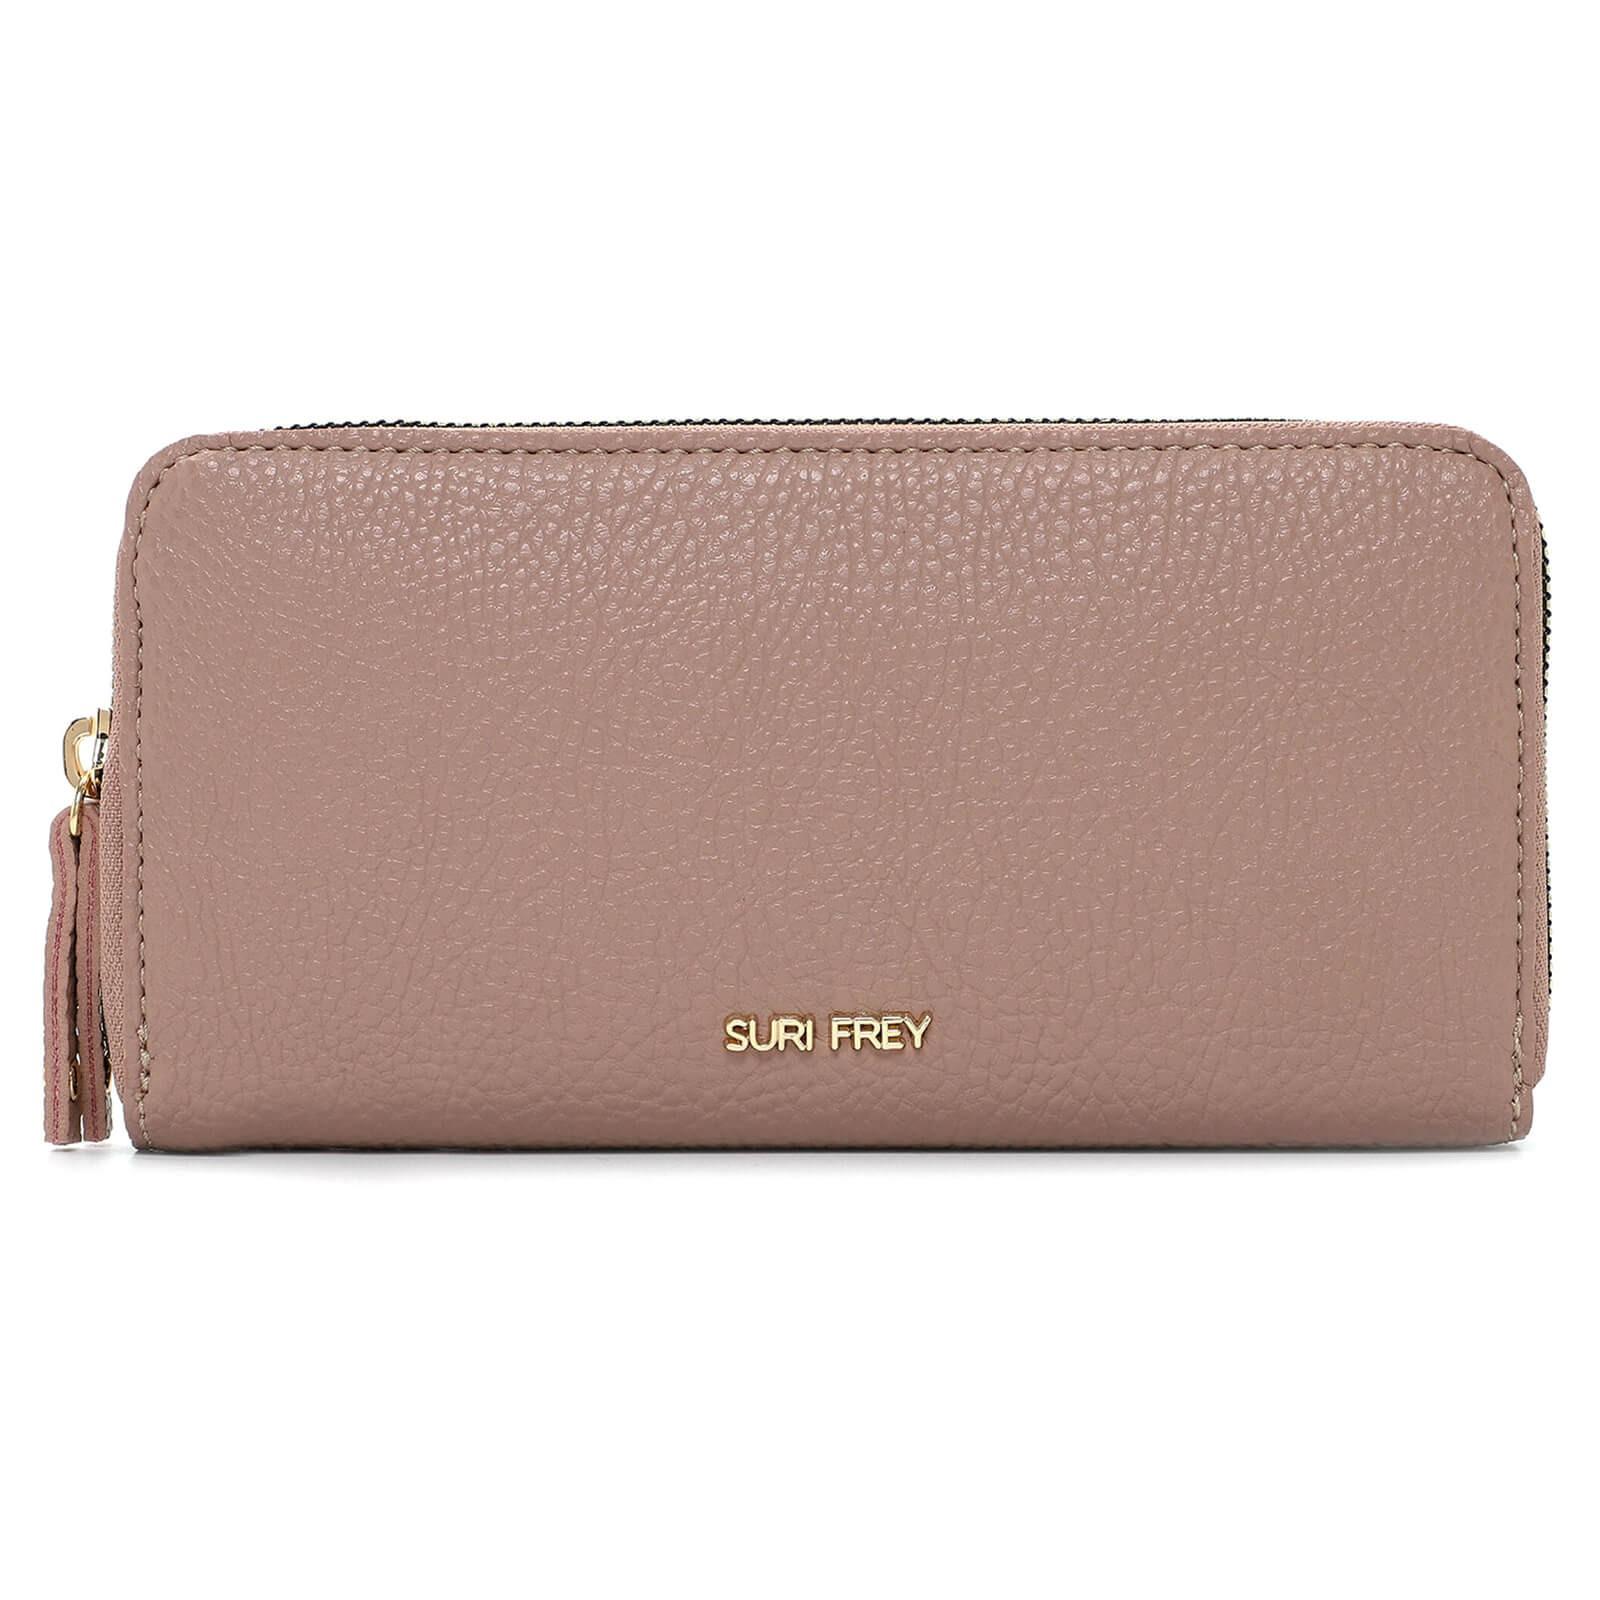 Dámska peňaženka Suri Frey Anežka - ružová